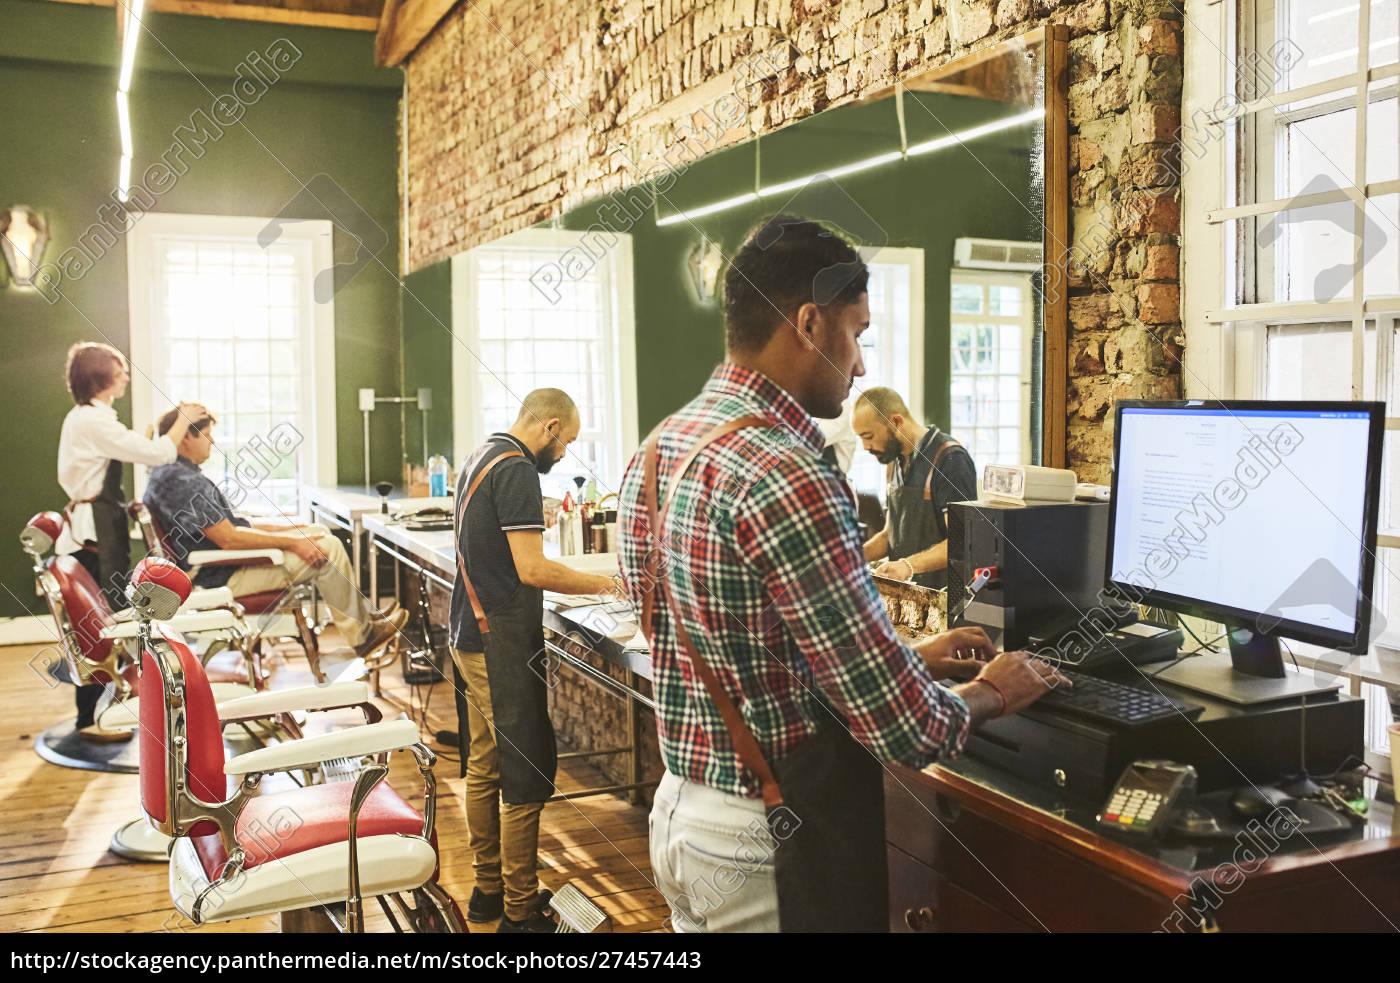 männliche, friseure, arbeiten, in, barbershop - 27457443